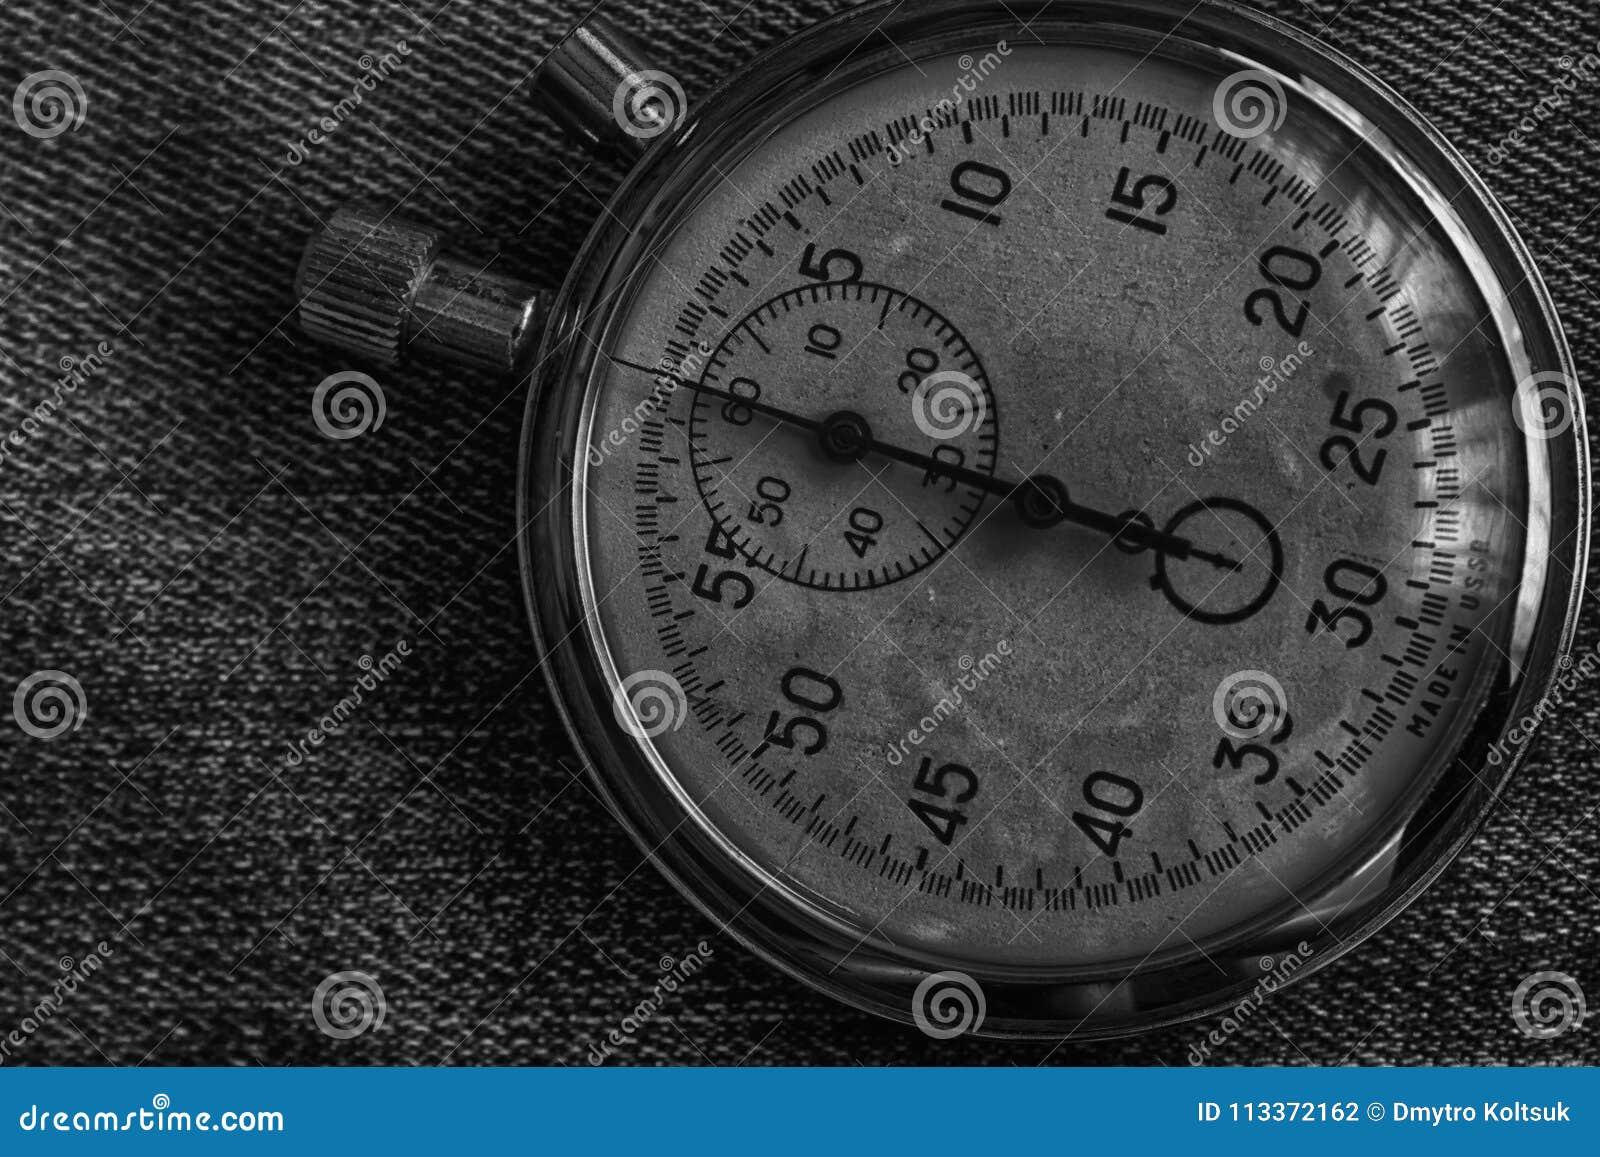 Stoppuhr auf abgenutzten Jeans Hintergrund, Wertmaßzeit, alter Uhrpfeilminute und zweiter Genauigkeitstimer-Aufzeichnung